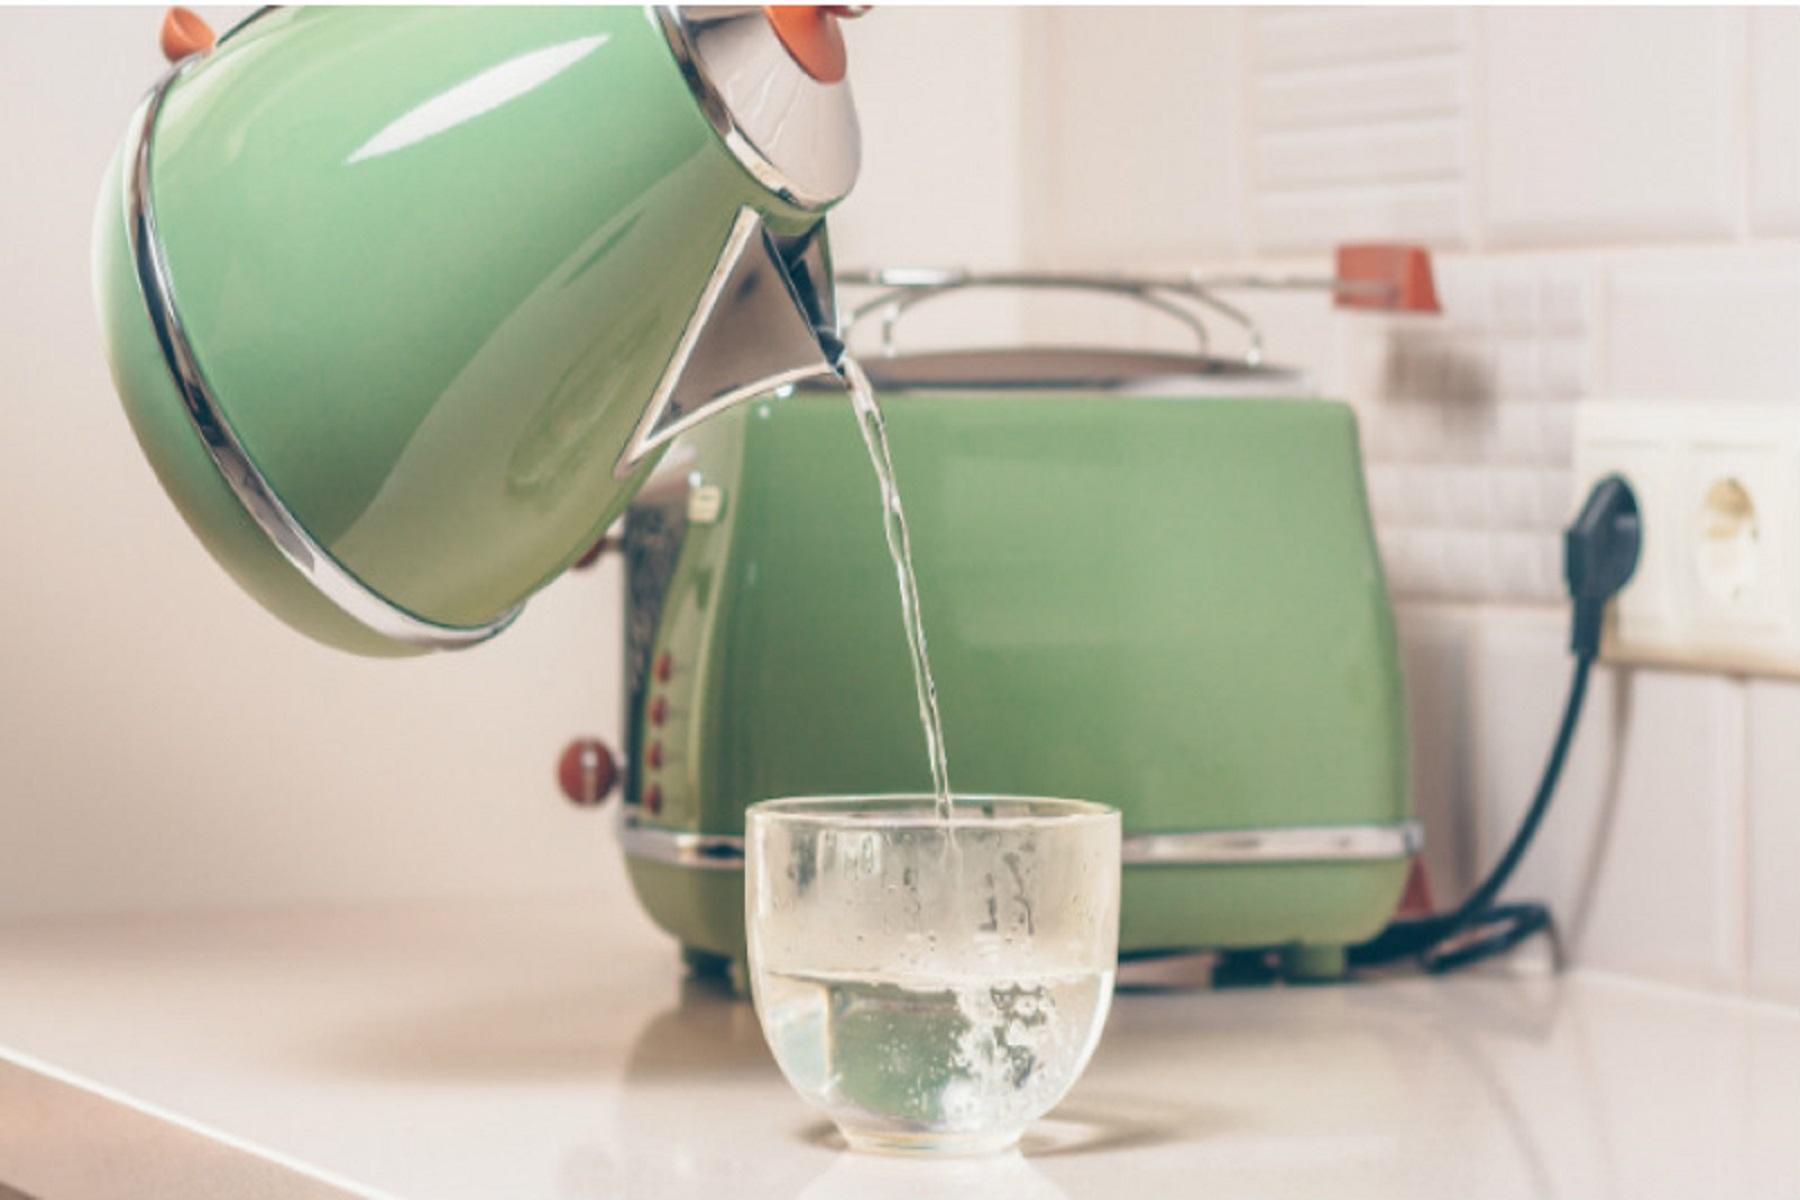 Νερό Ζεστό: Πρωινή συνήθεια που θεραπεύει το σώμα μας